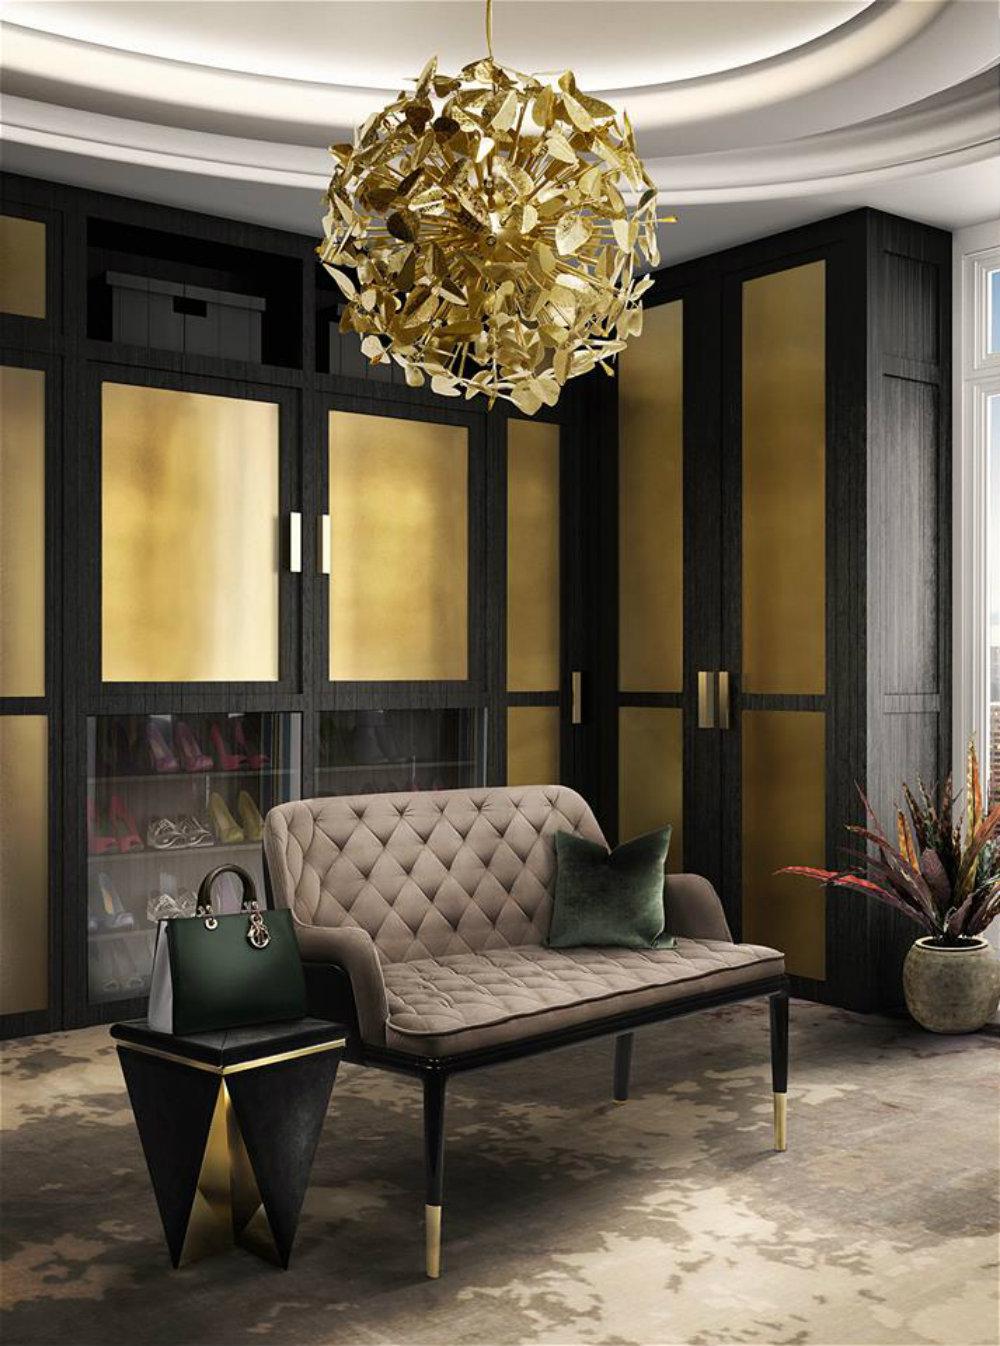 2019 Spring Summer Interior Design Inspiration